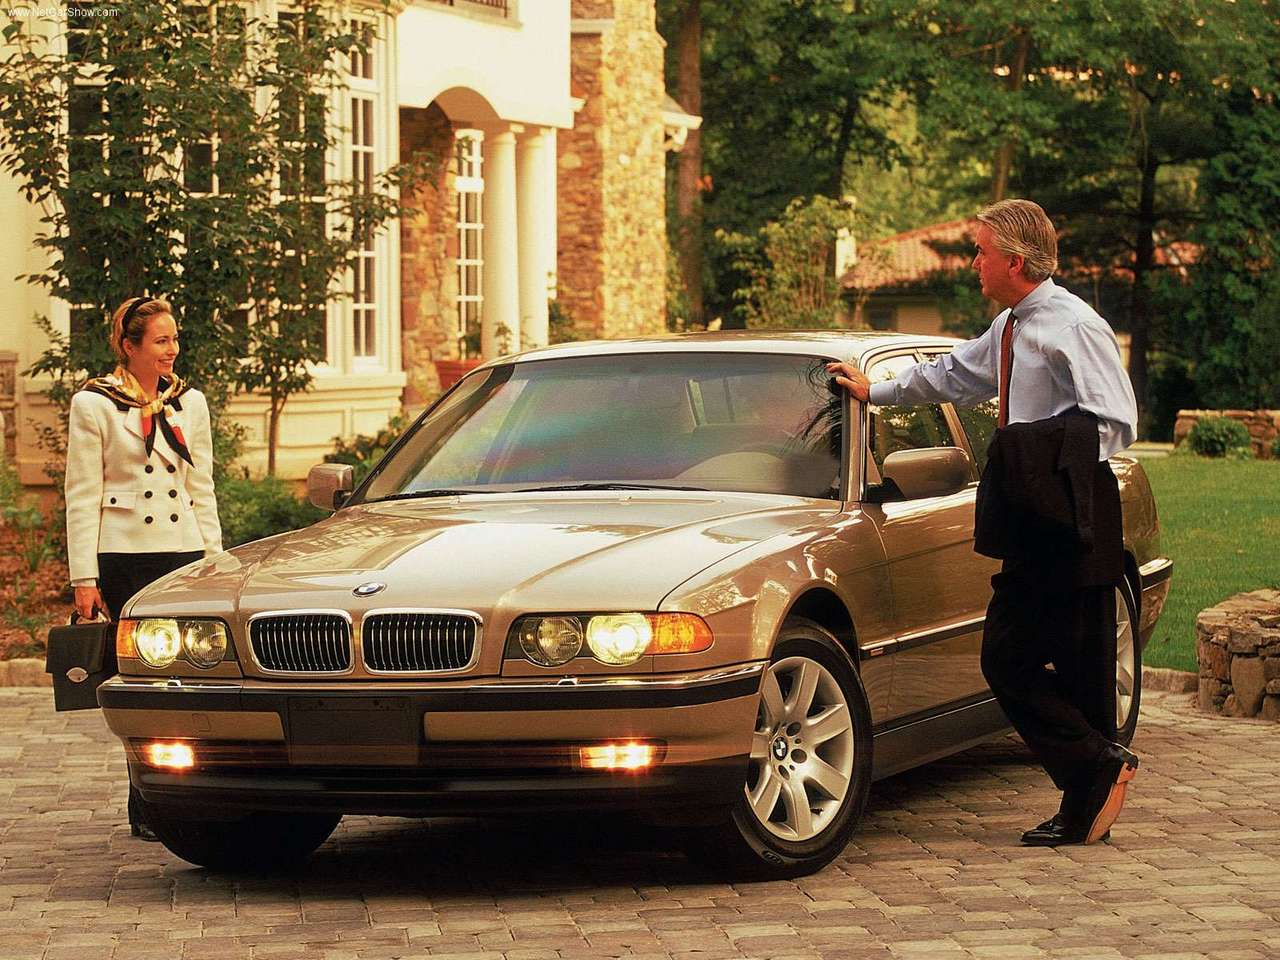 BMW - Auto twenty-first century: 2000 BMW 7 Series Protection